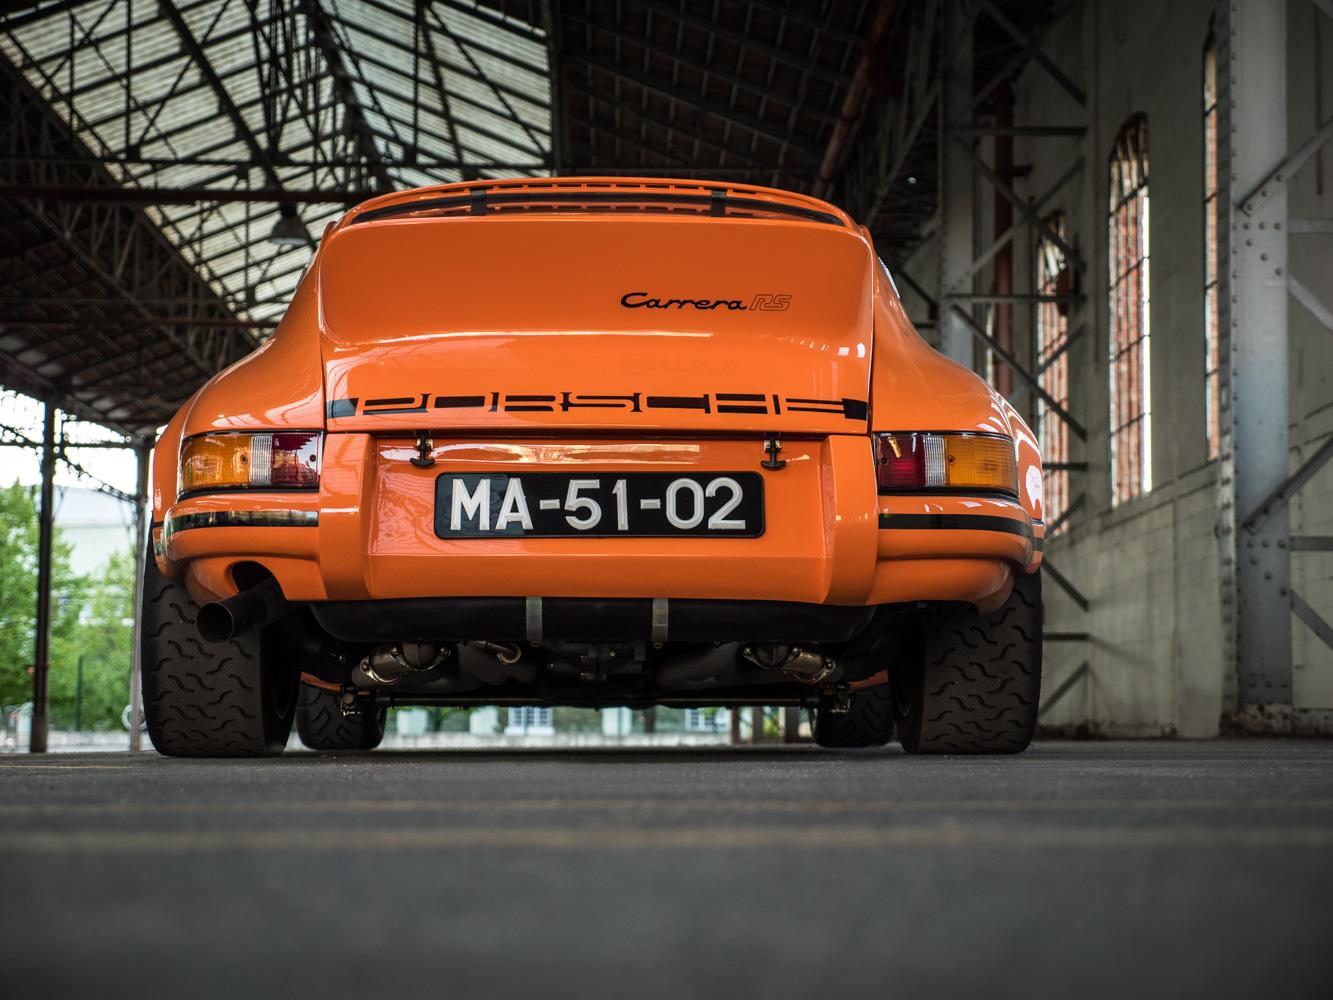 1969 Porsche 911 Carrera - 60.jpg.jpg